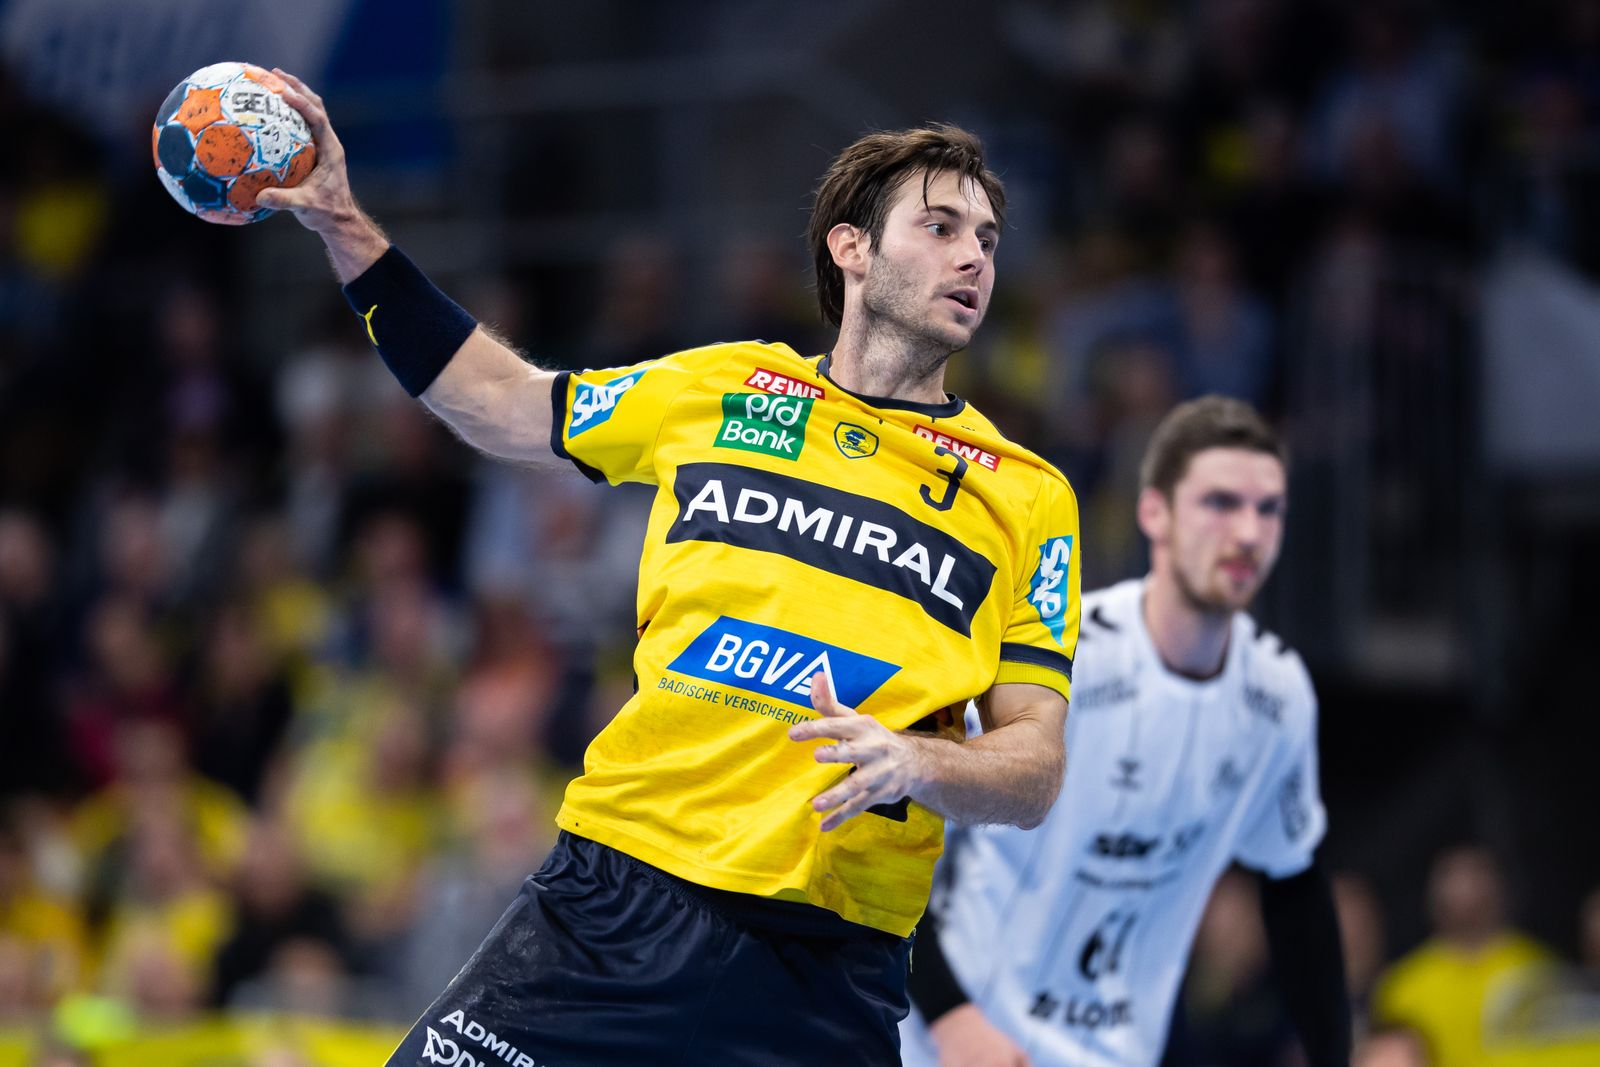 Rhein Neckar Loewen v THW Kiel - Liqui Moly Handball Bundesliga